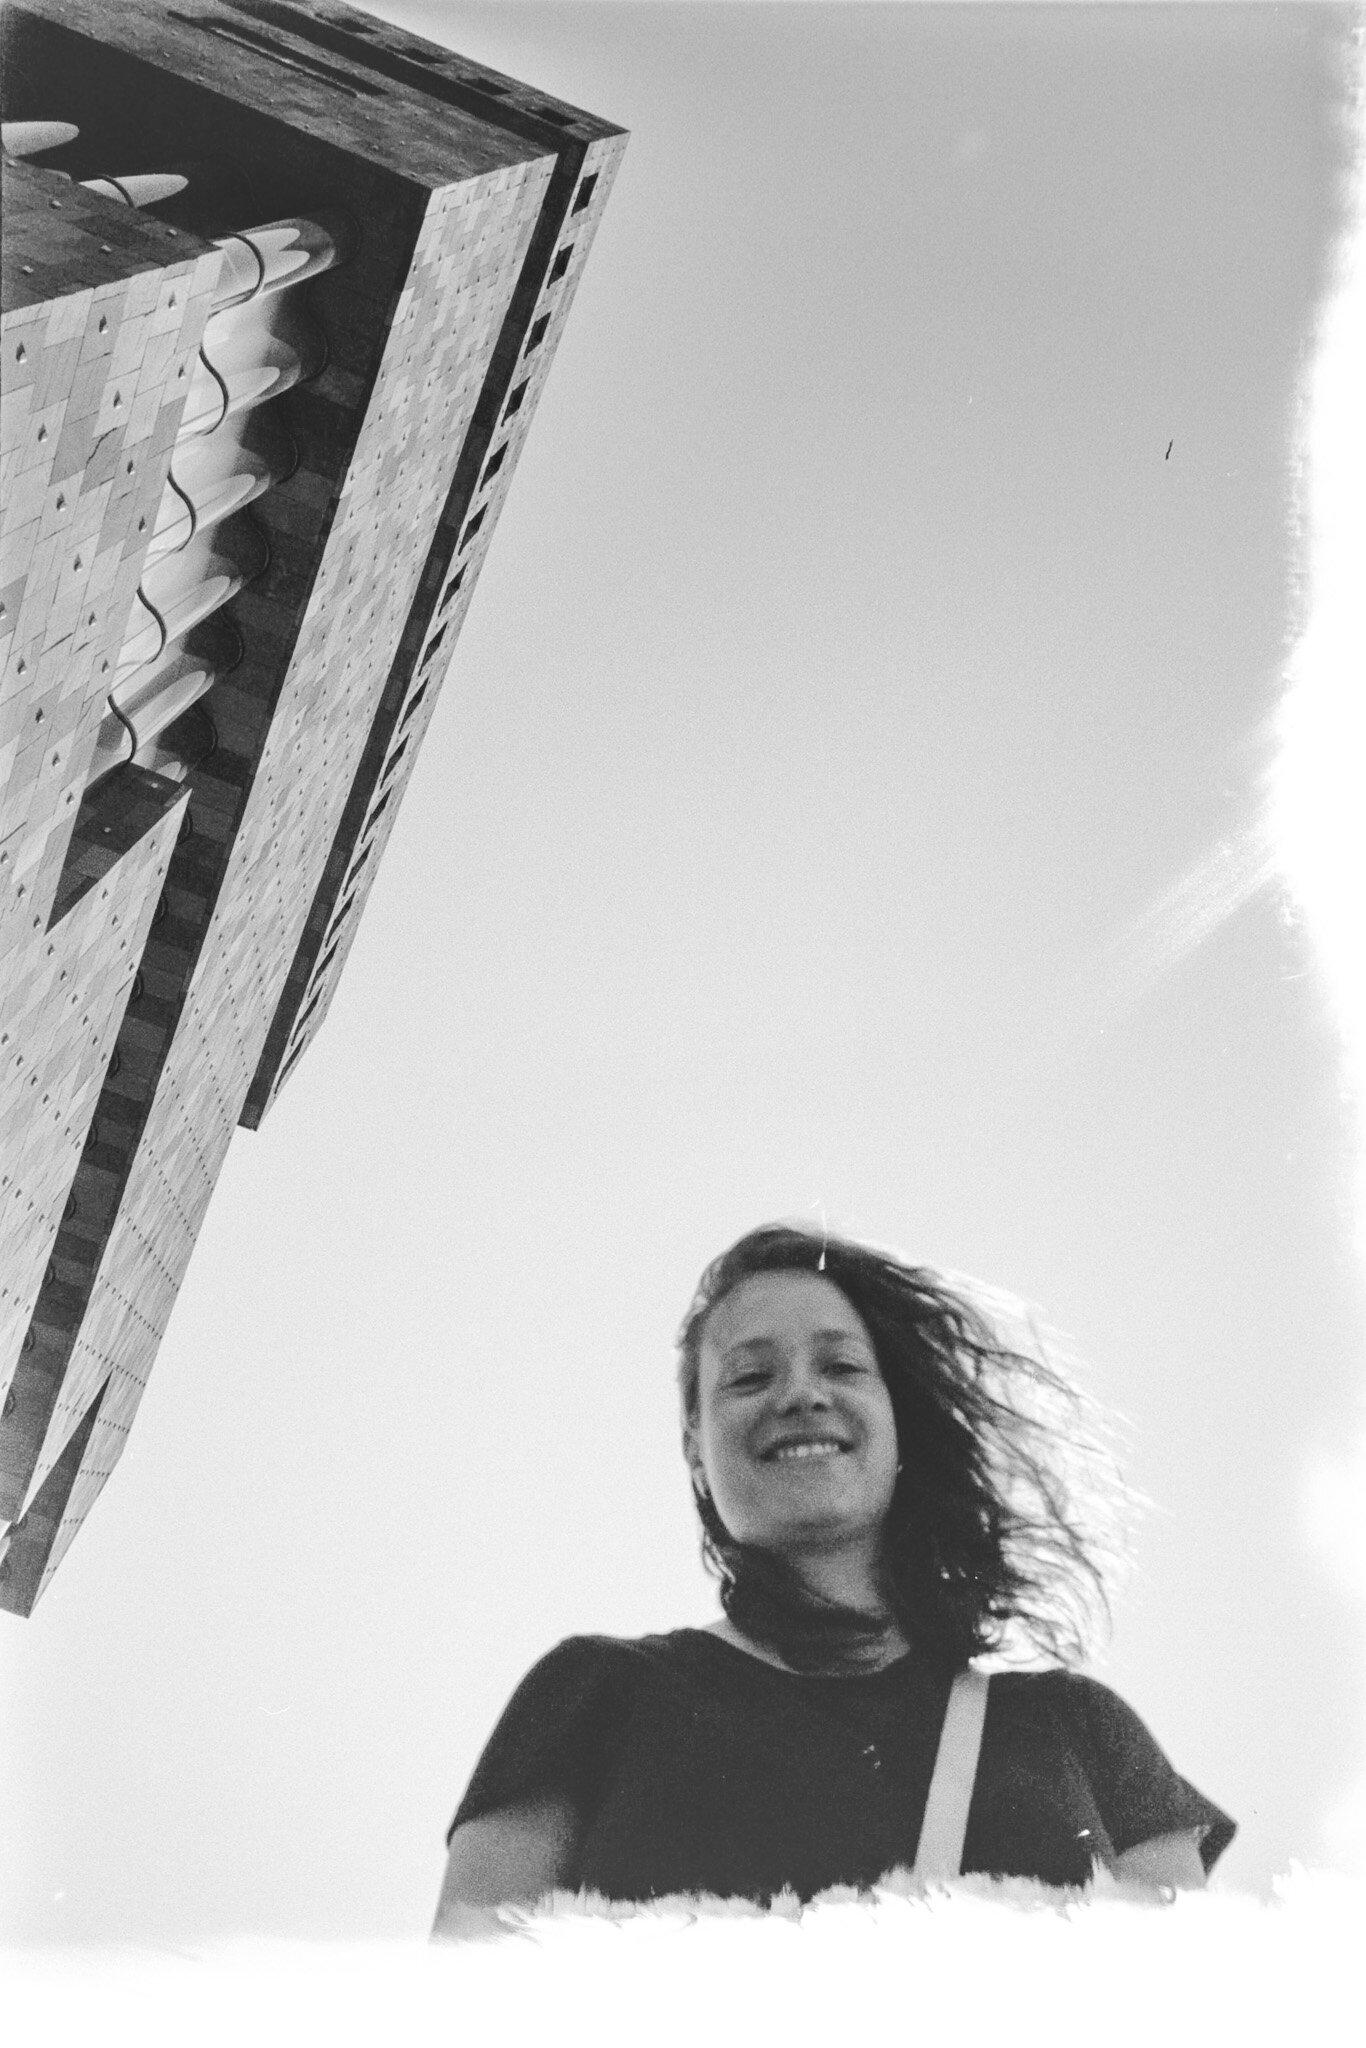 Sara, also in Belgium